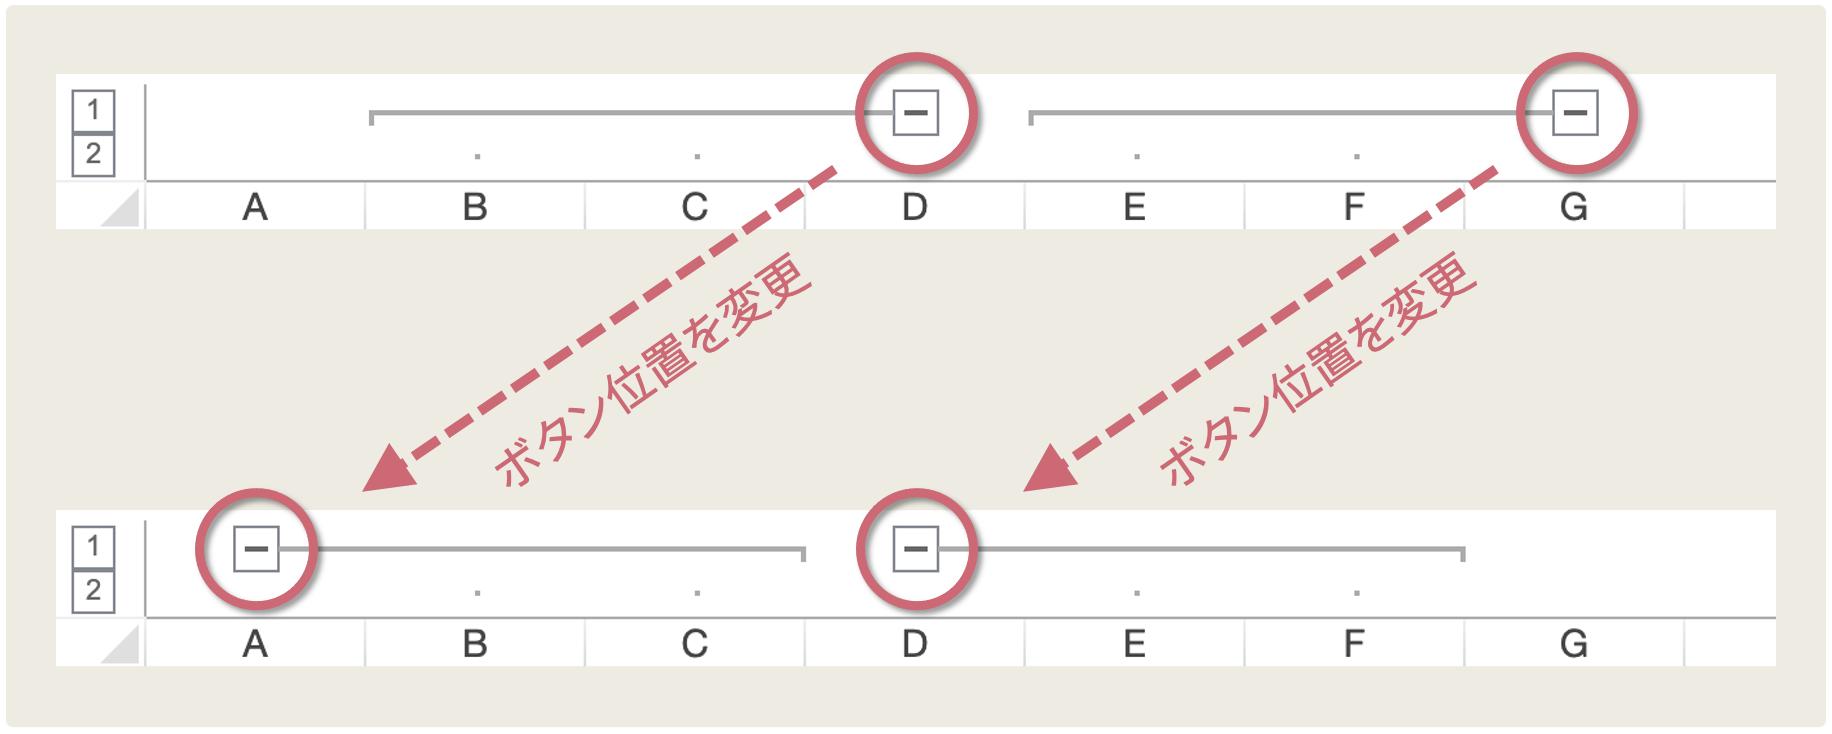 グループ化ボタン位置の変更